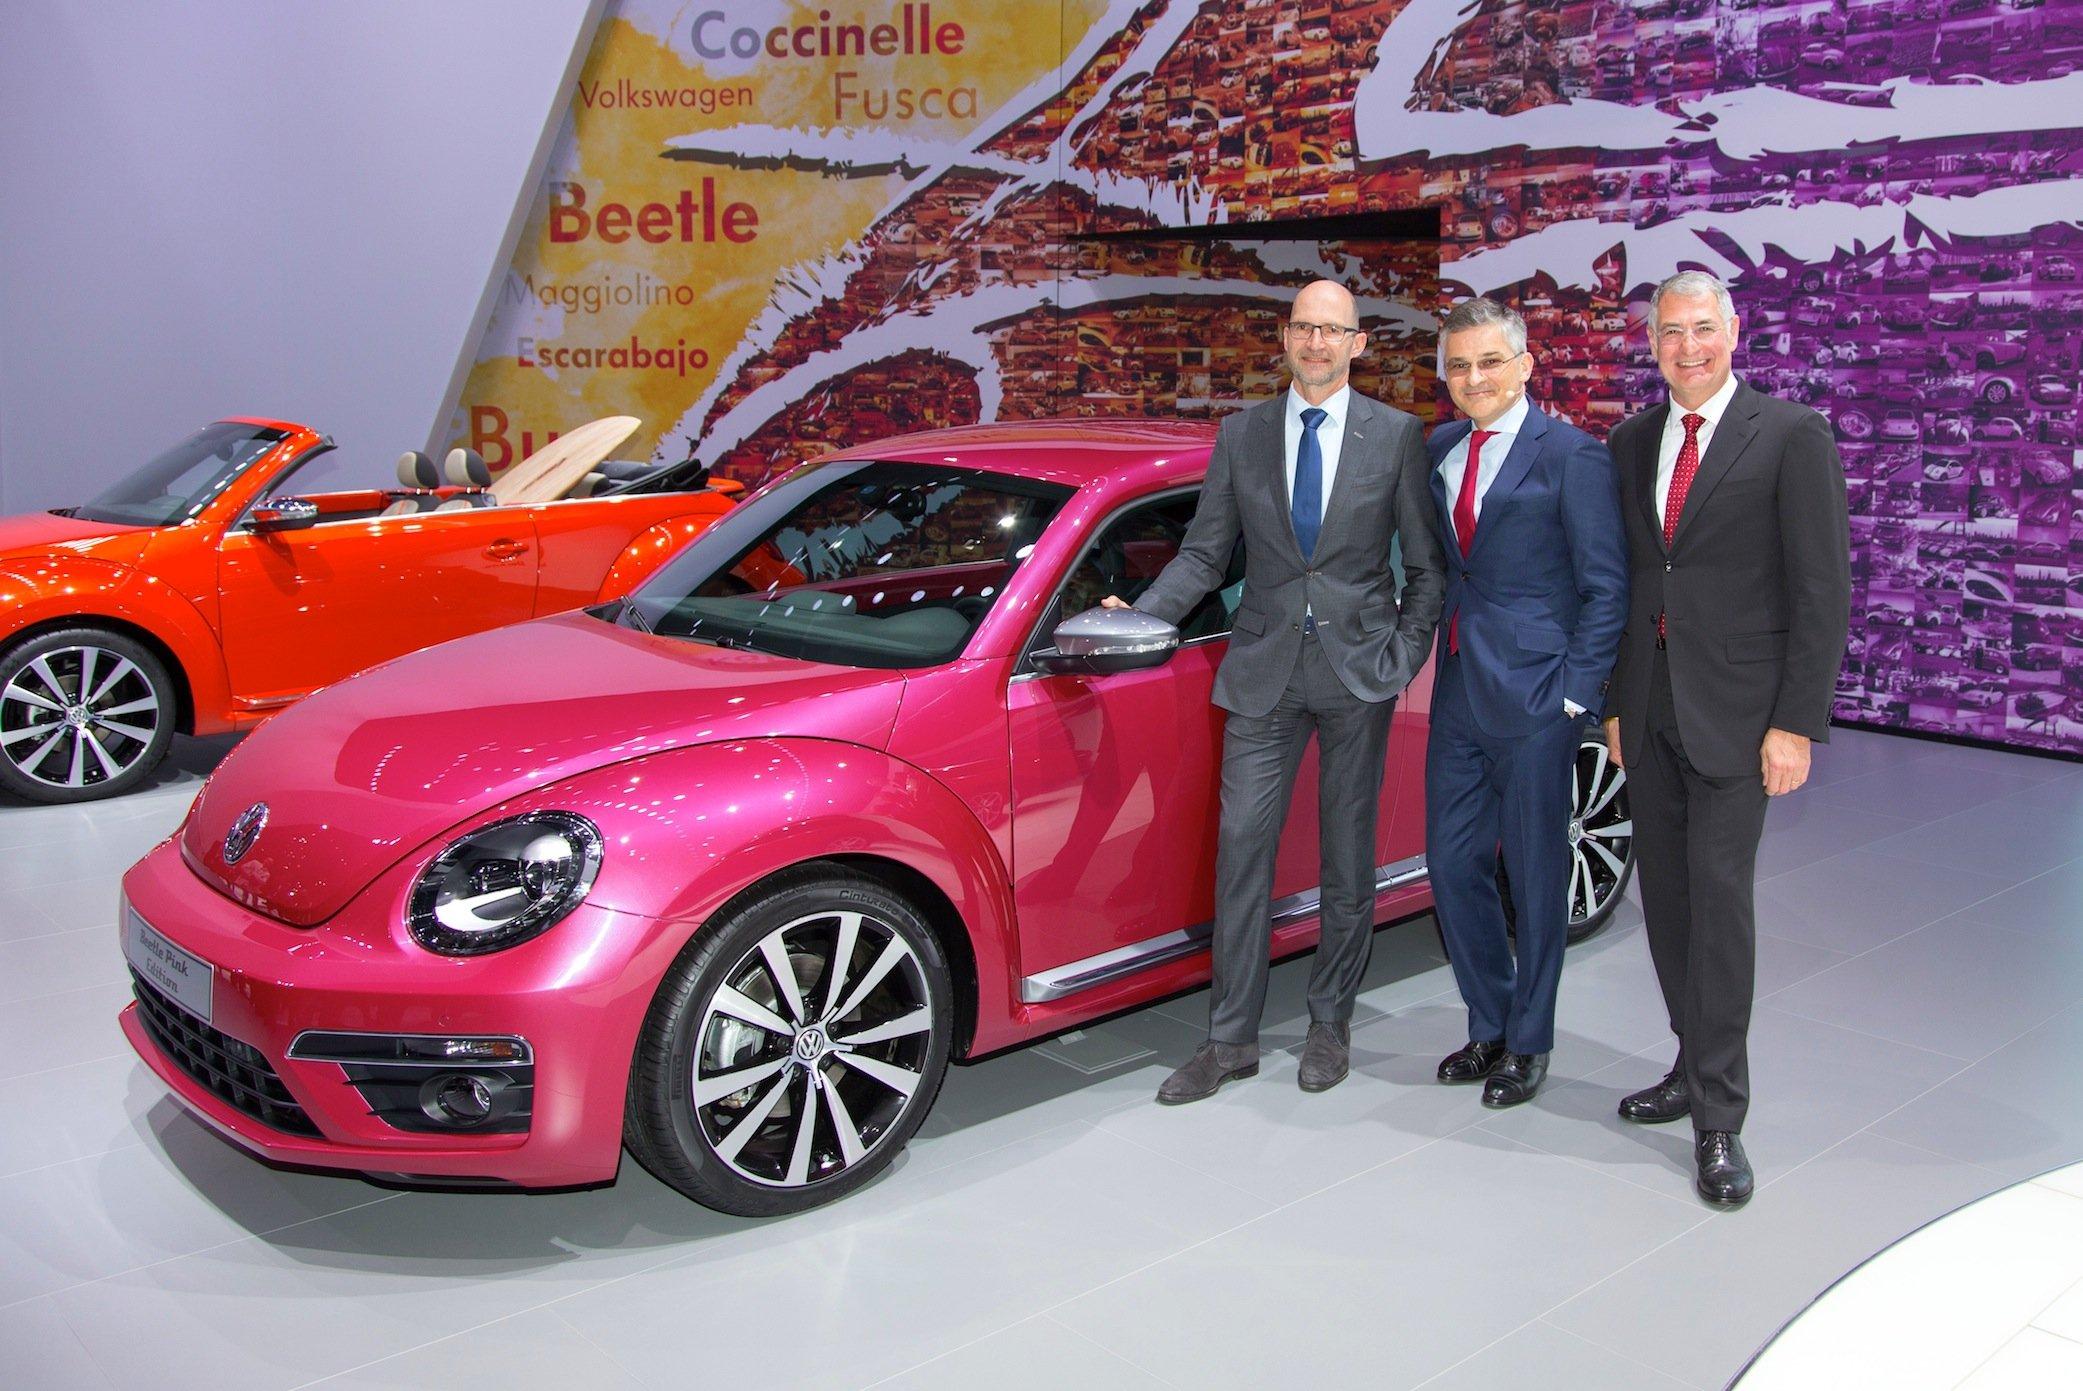 Michael Horn (m.), CEO von Volkswagen, auf der New York Auto Show im Frühjahr diesen Jahres: Er hat eingeräumt, seit 2014 von den Manipulationen zu wissen. Er will im US-Kongress nun förmlich um Entschuldigung bitten.